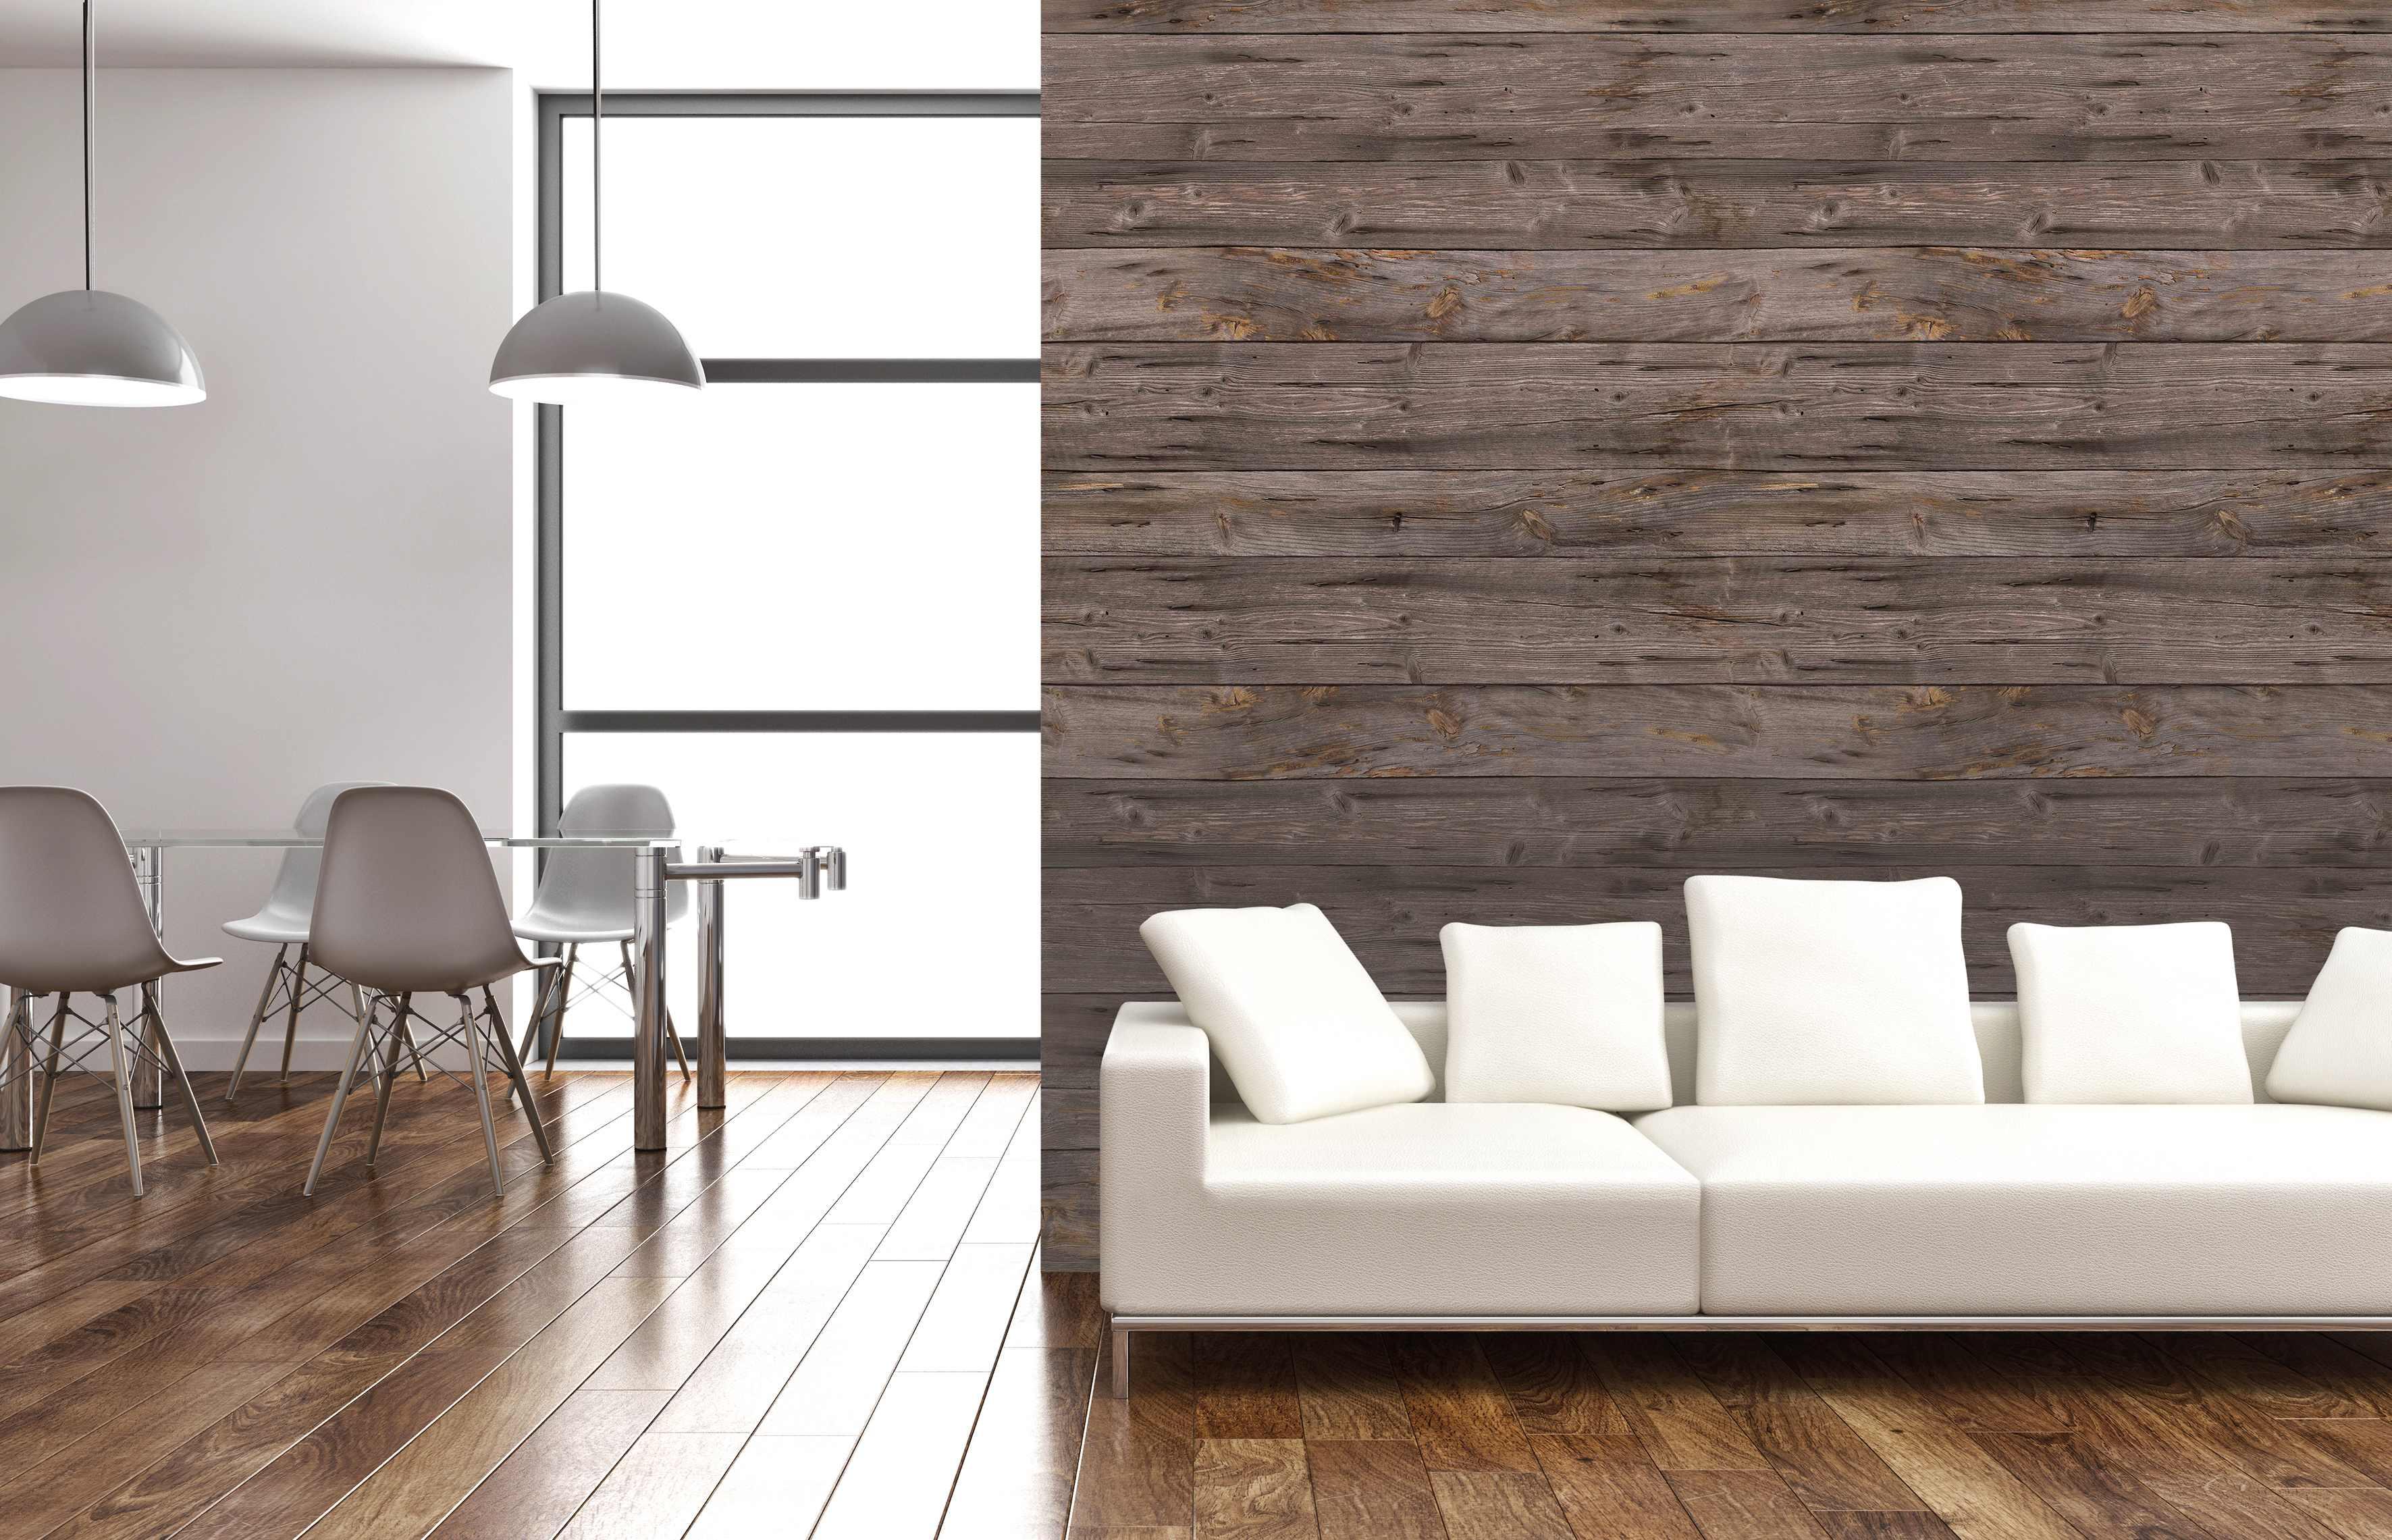 batijournal panneaux muraux aspect vieux bois batijournal. Black Bedroom Furniture Sets. Home Design Ideas